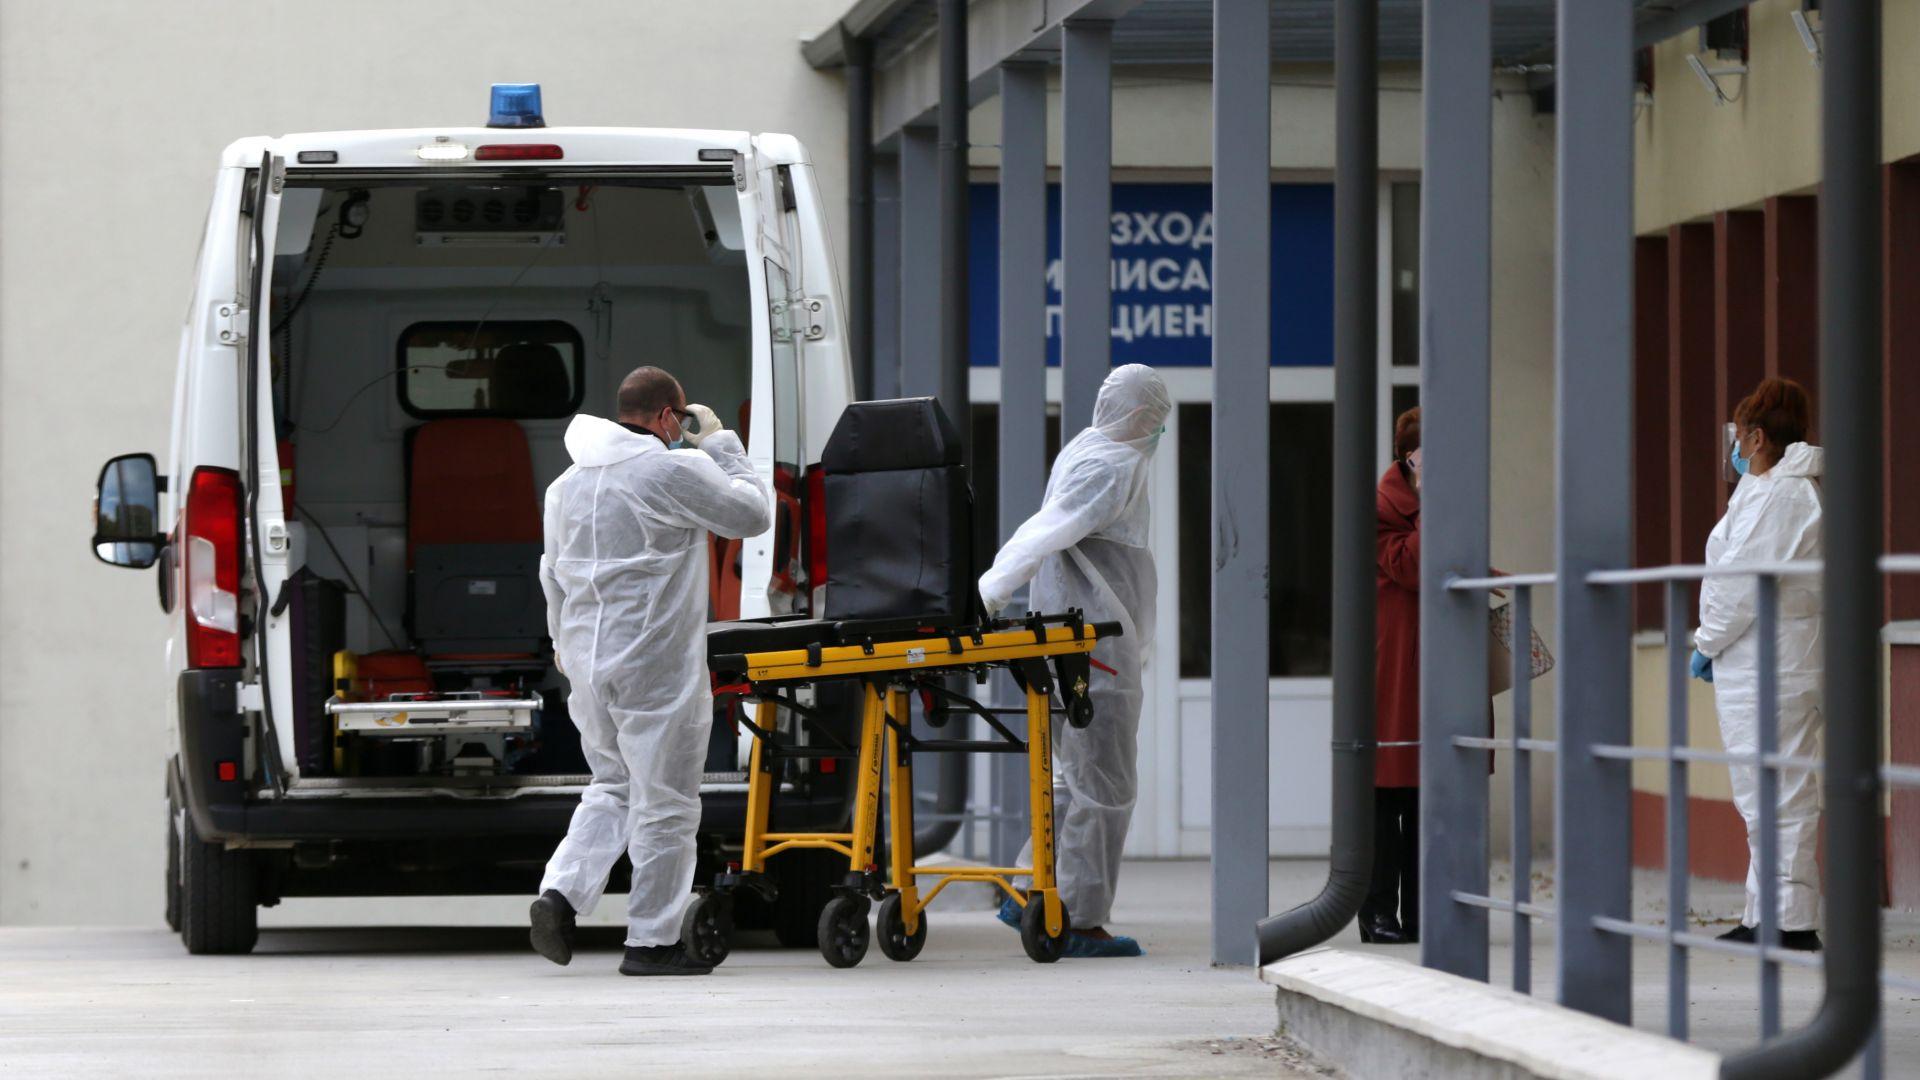 ЕК предоставя 200 робота за дезинфекция на европейски болници